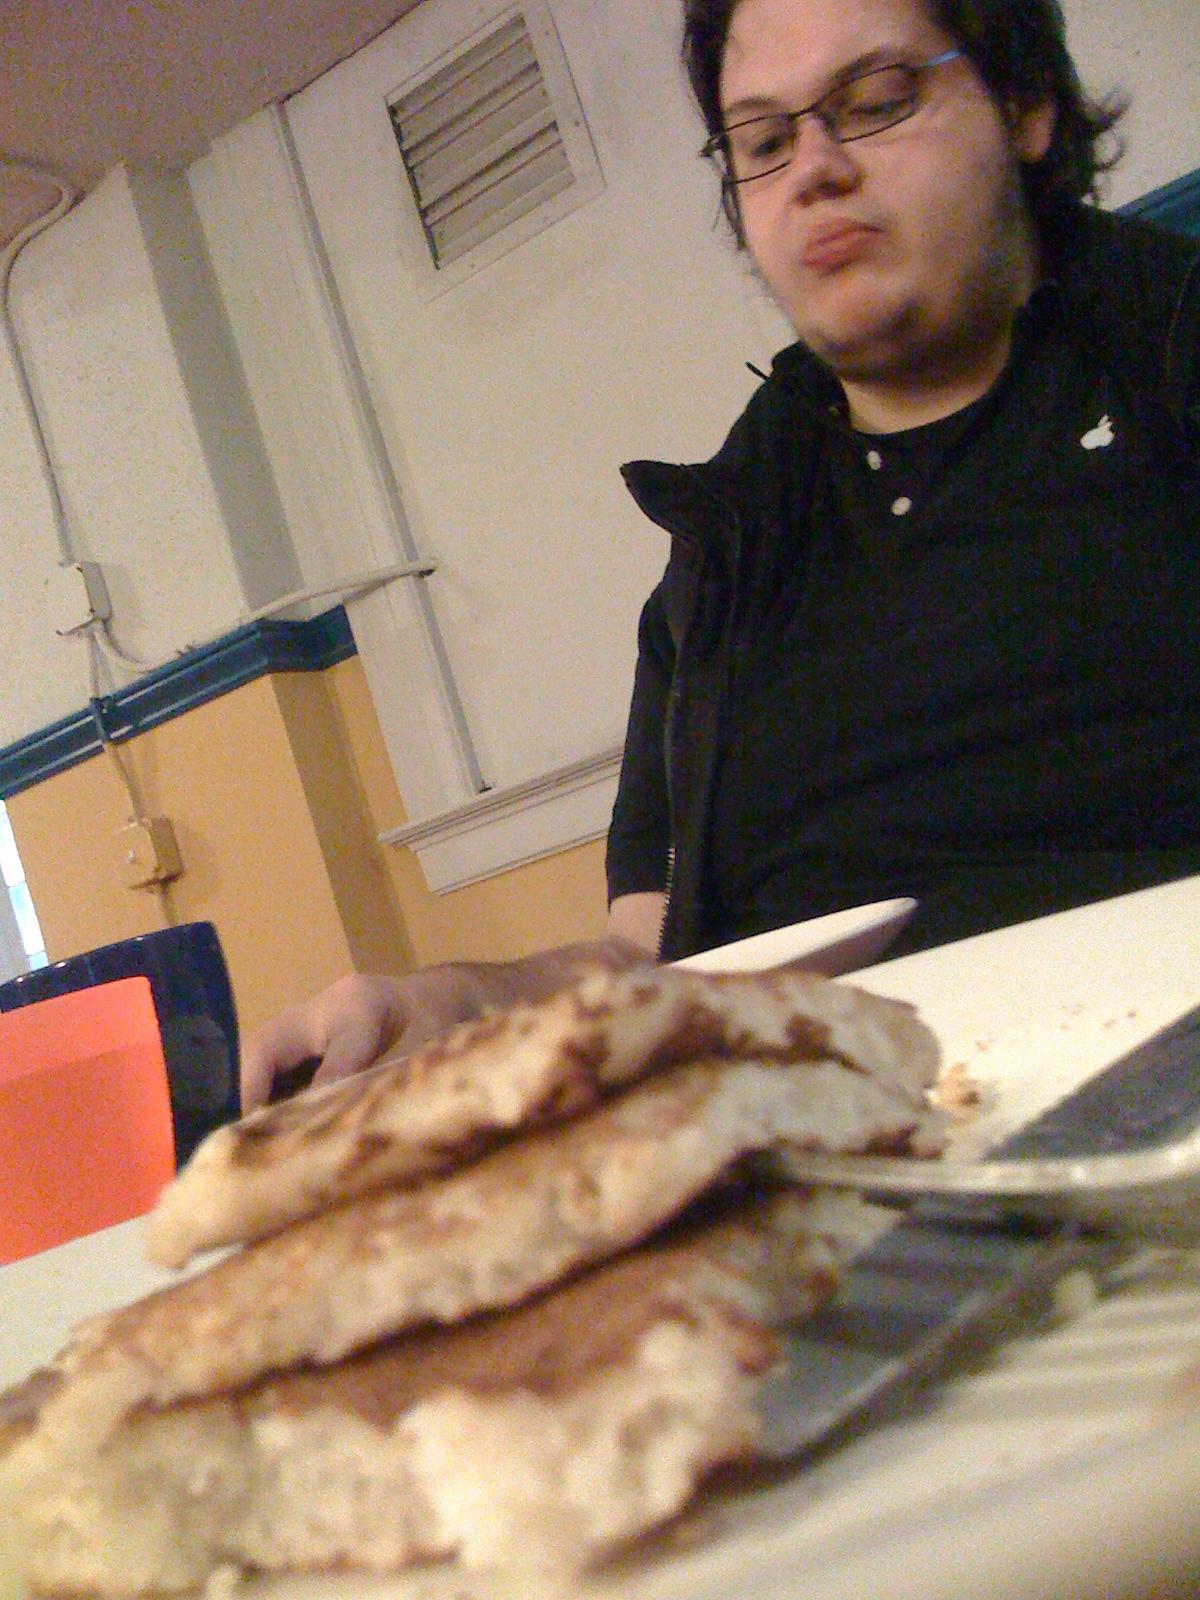 Epic pancake